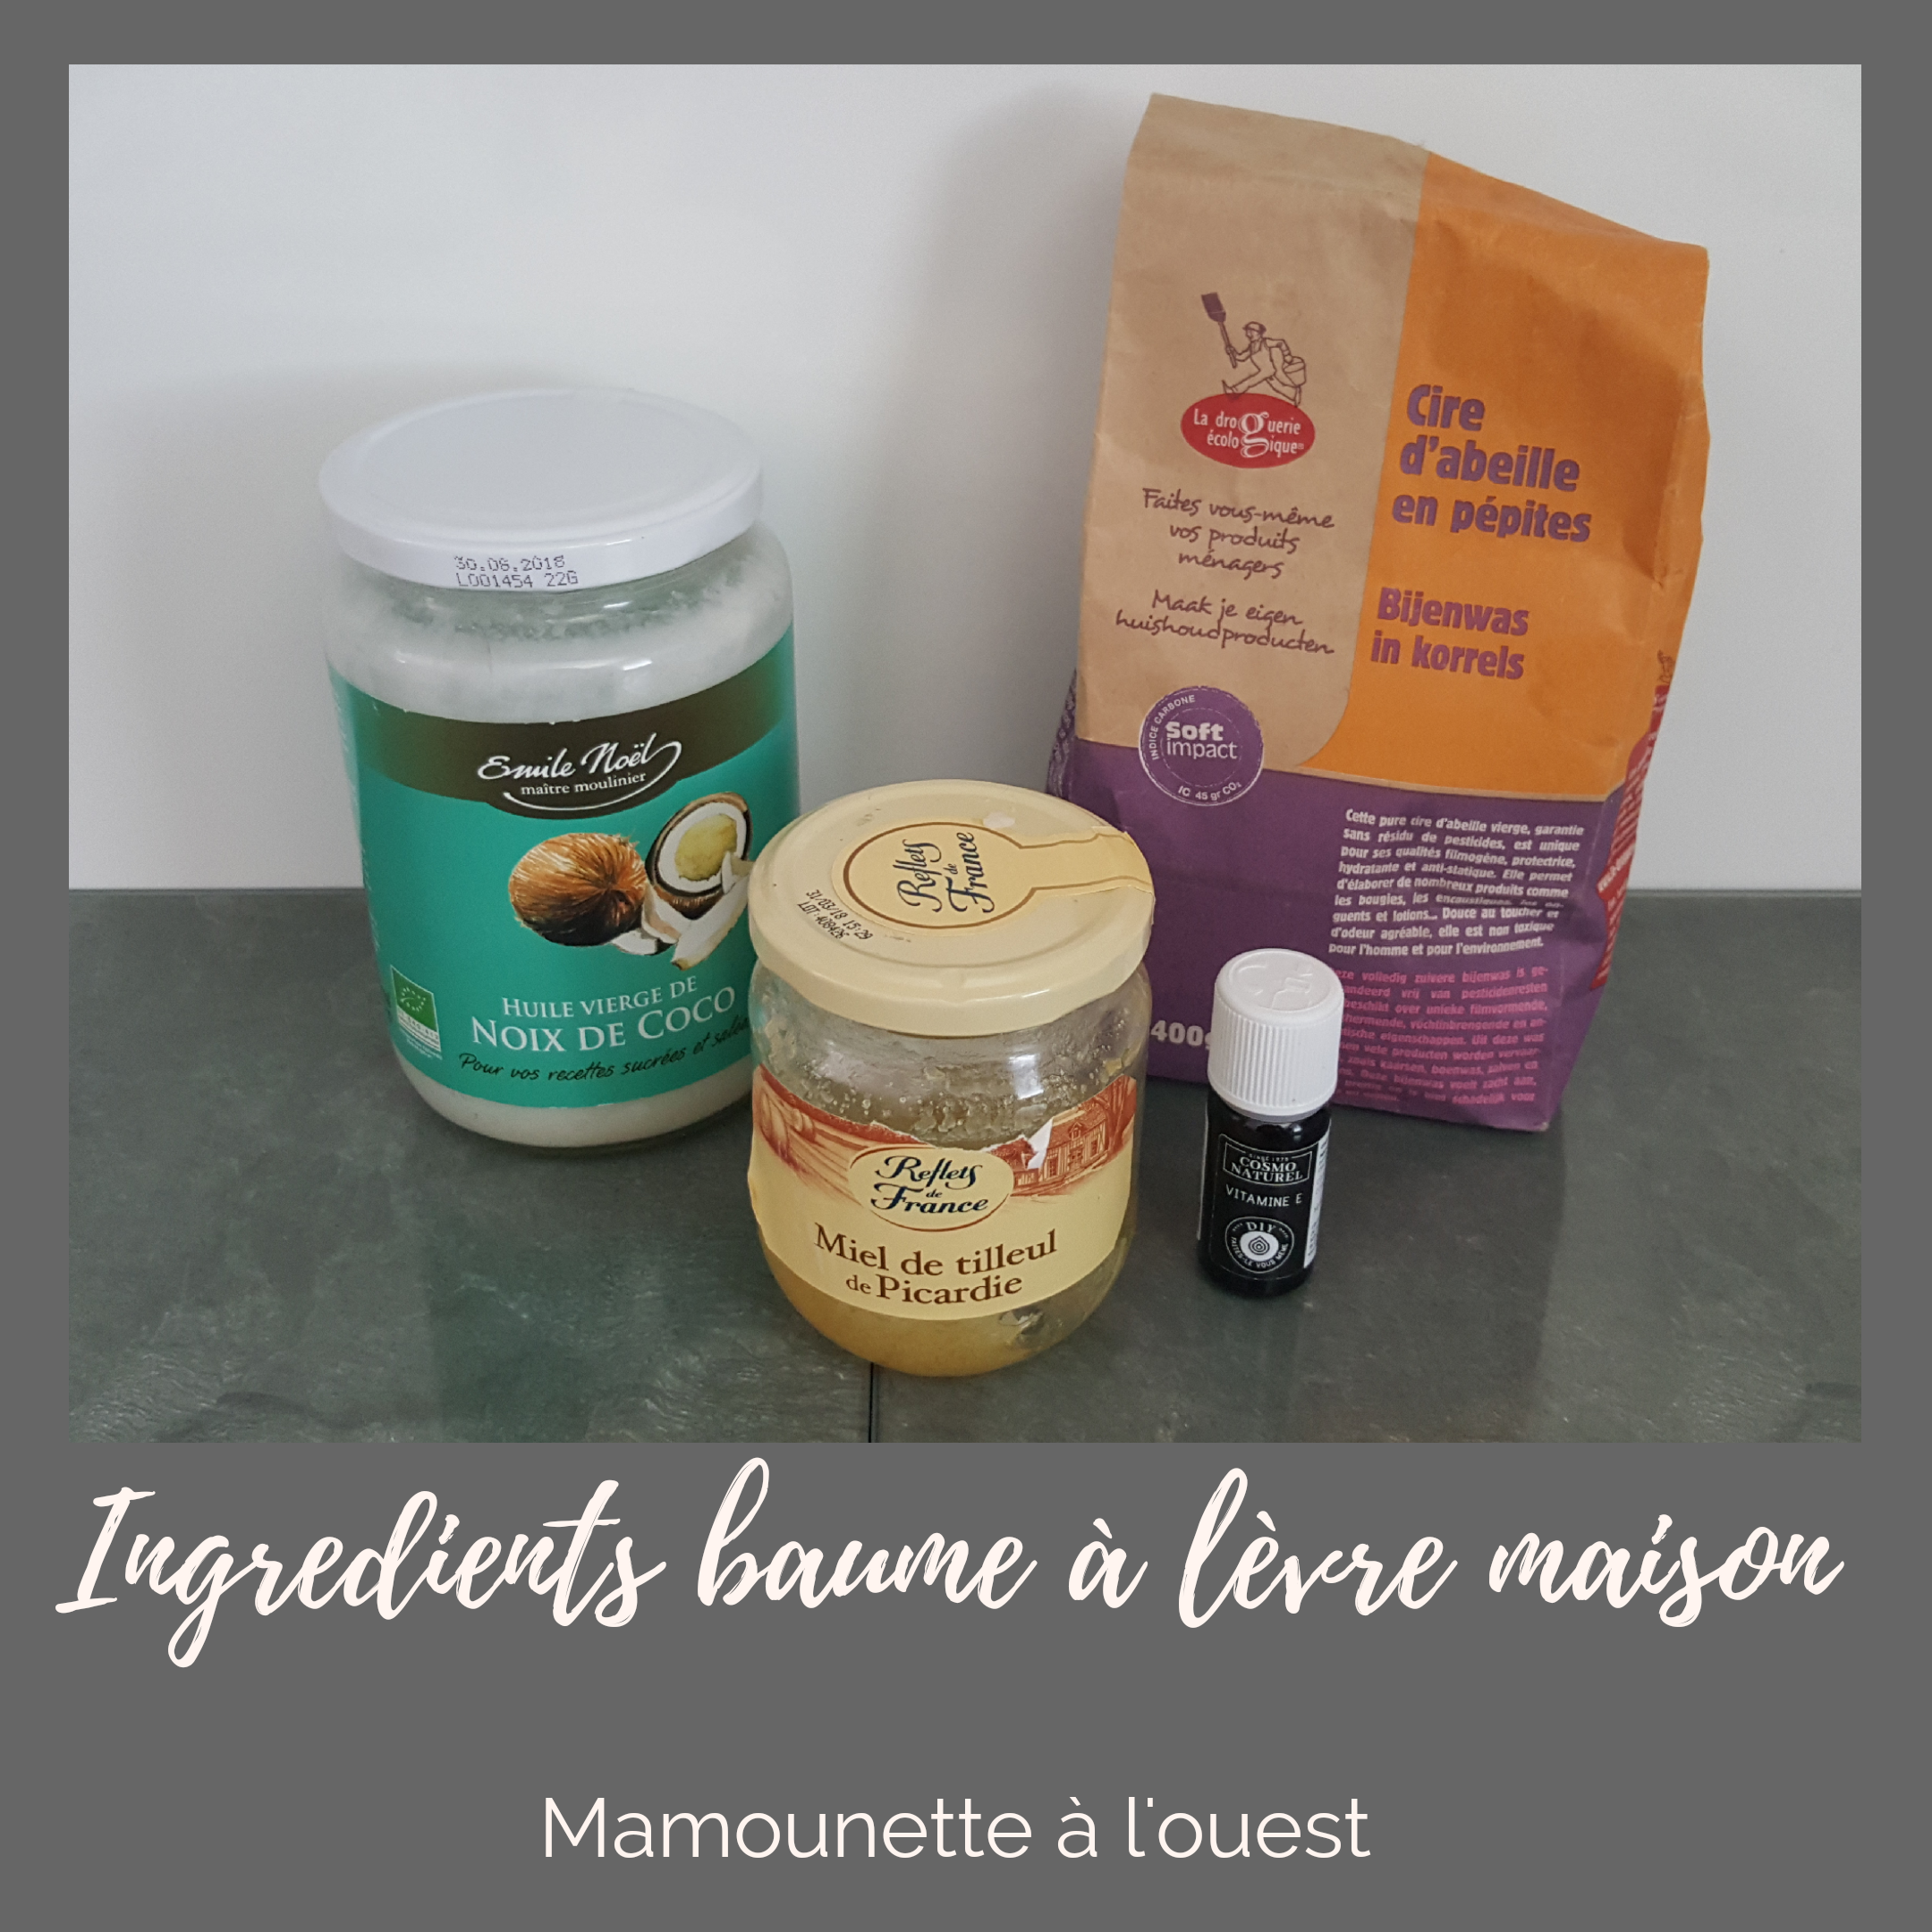 Ingrédients Baume à lèvre maison.png